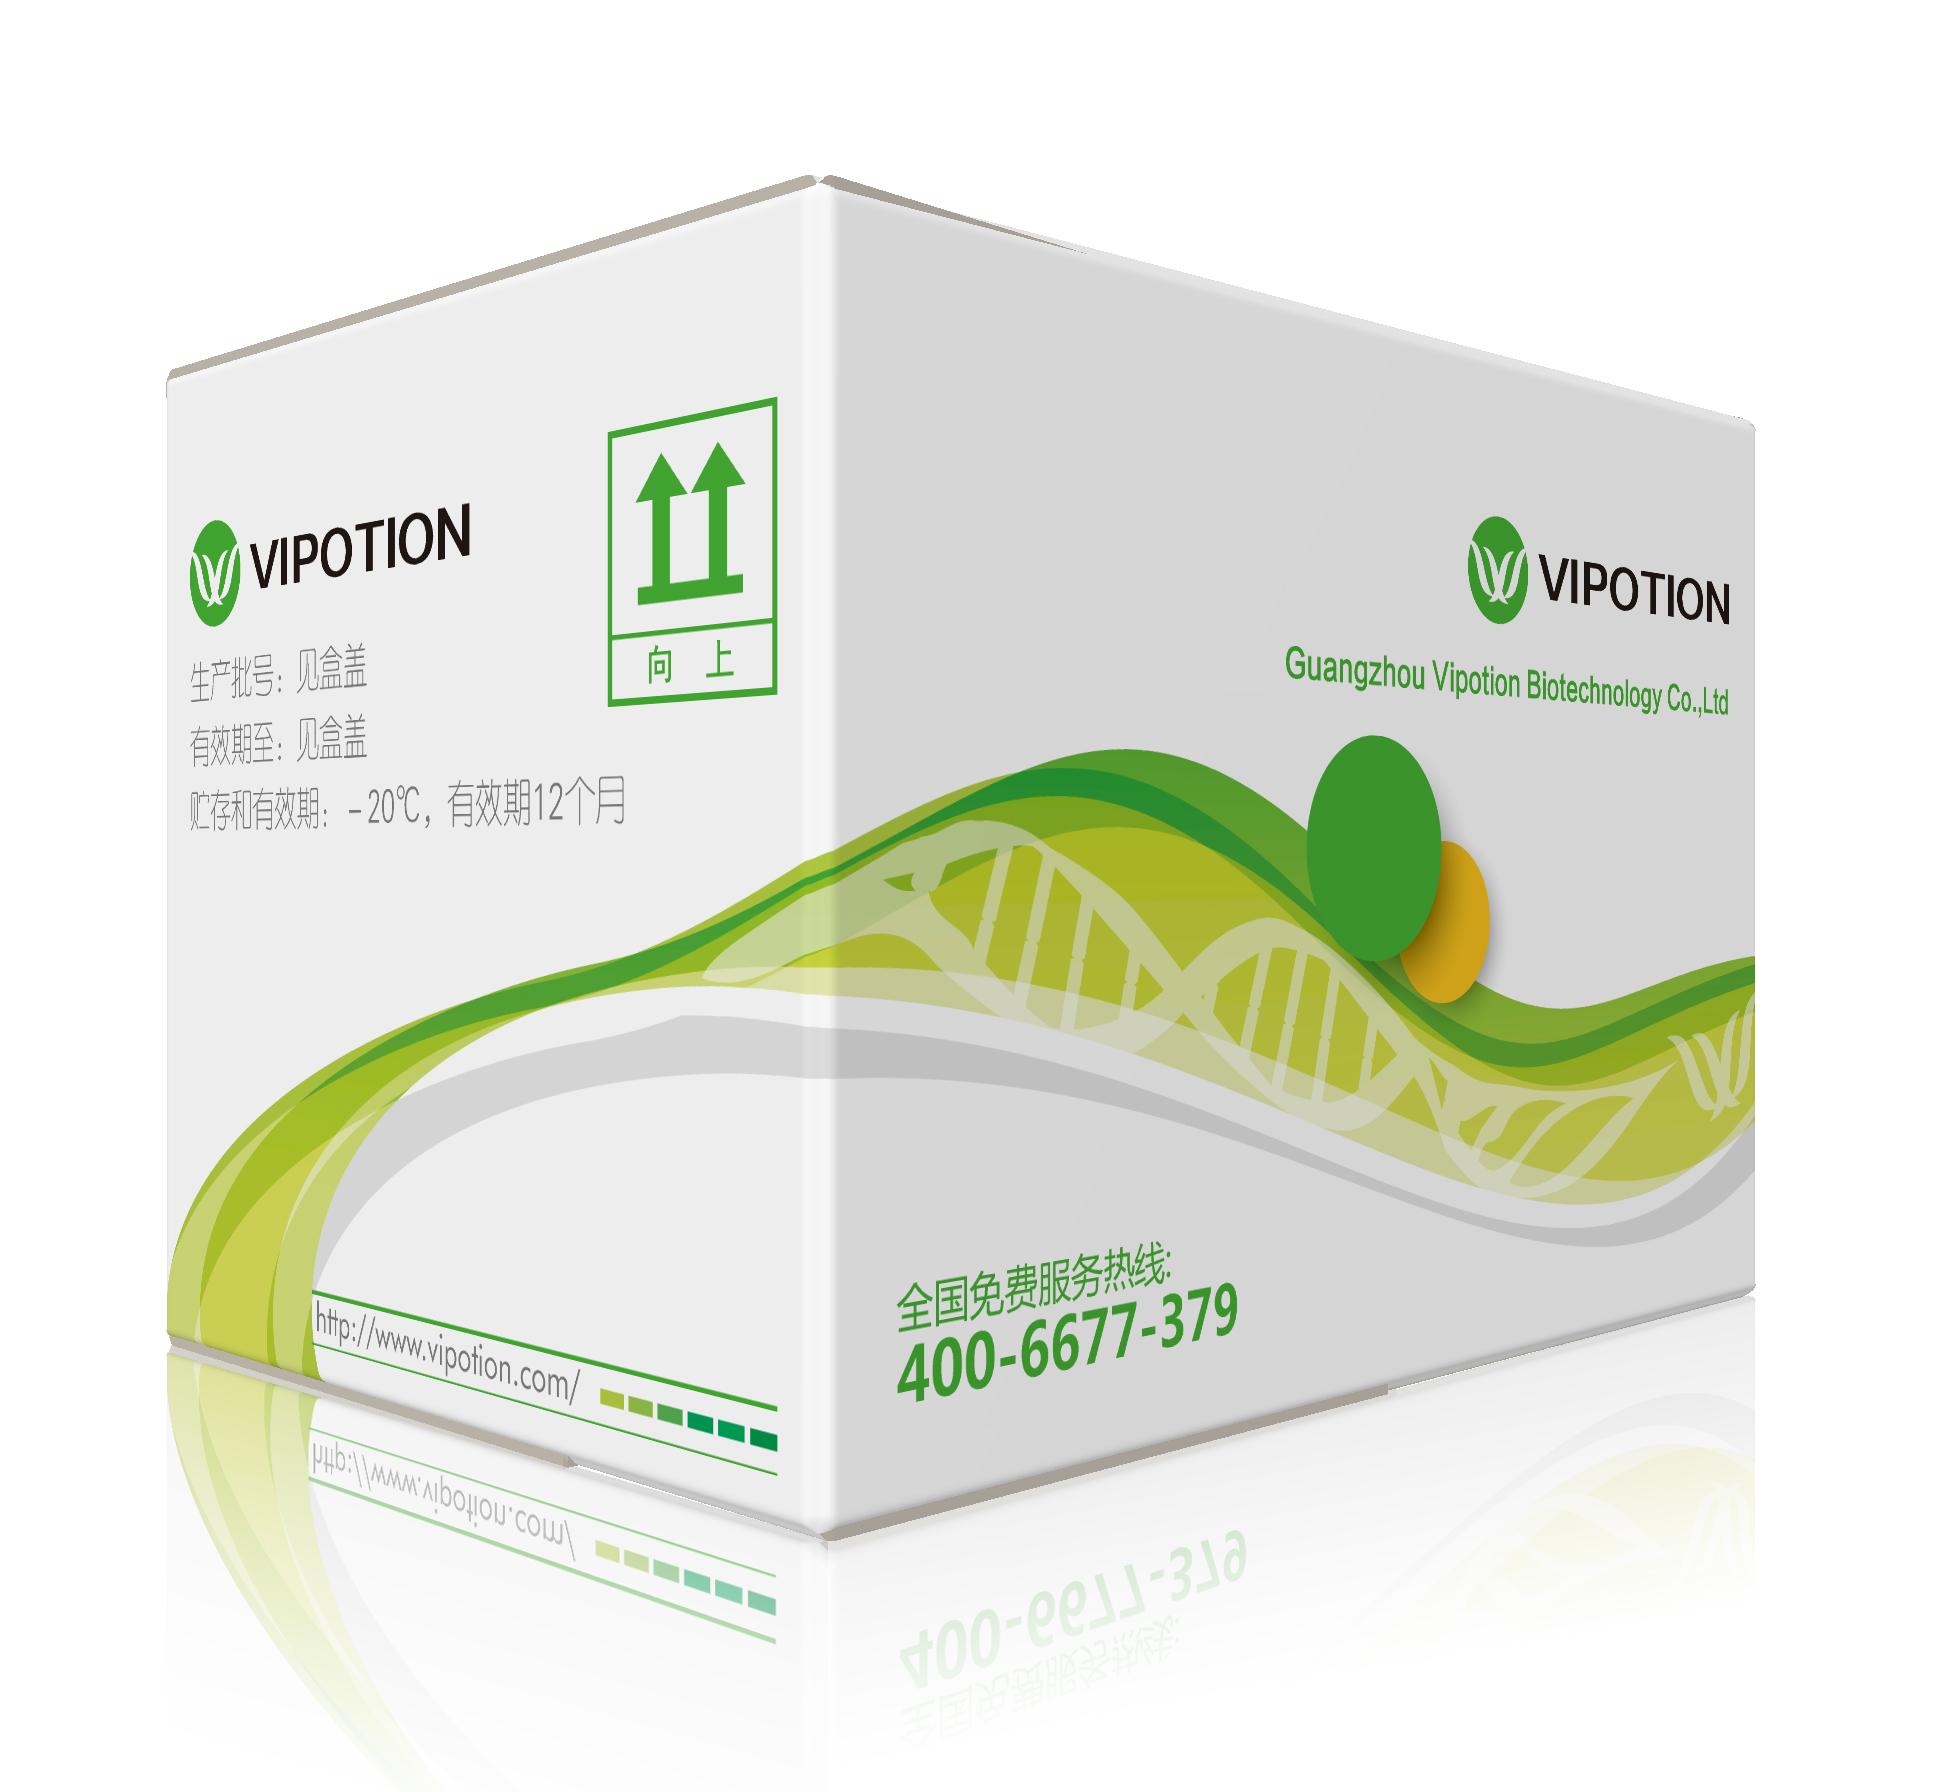 犬布氏杆菌 (BS)核酸扩增检测试剂盒(PCR荧光探针法)